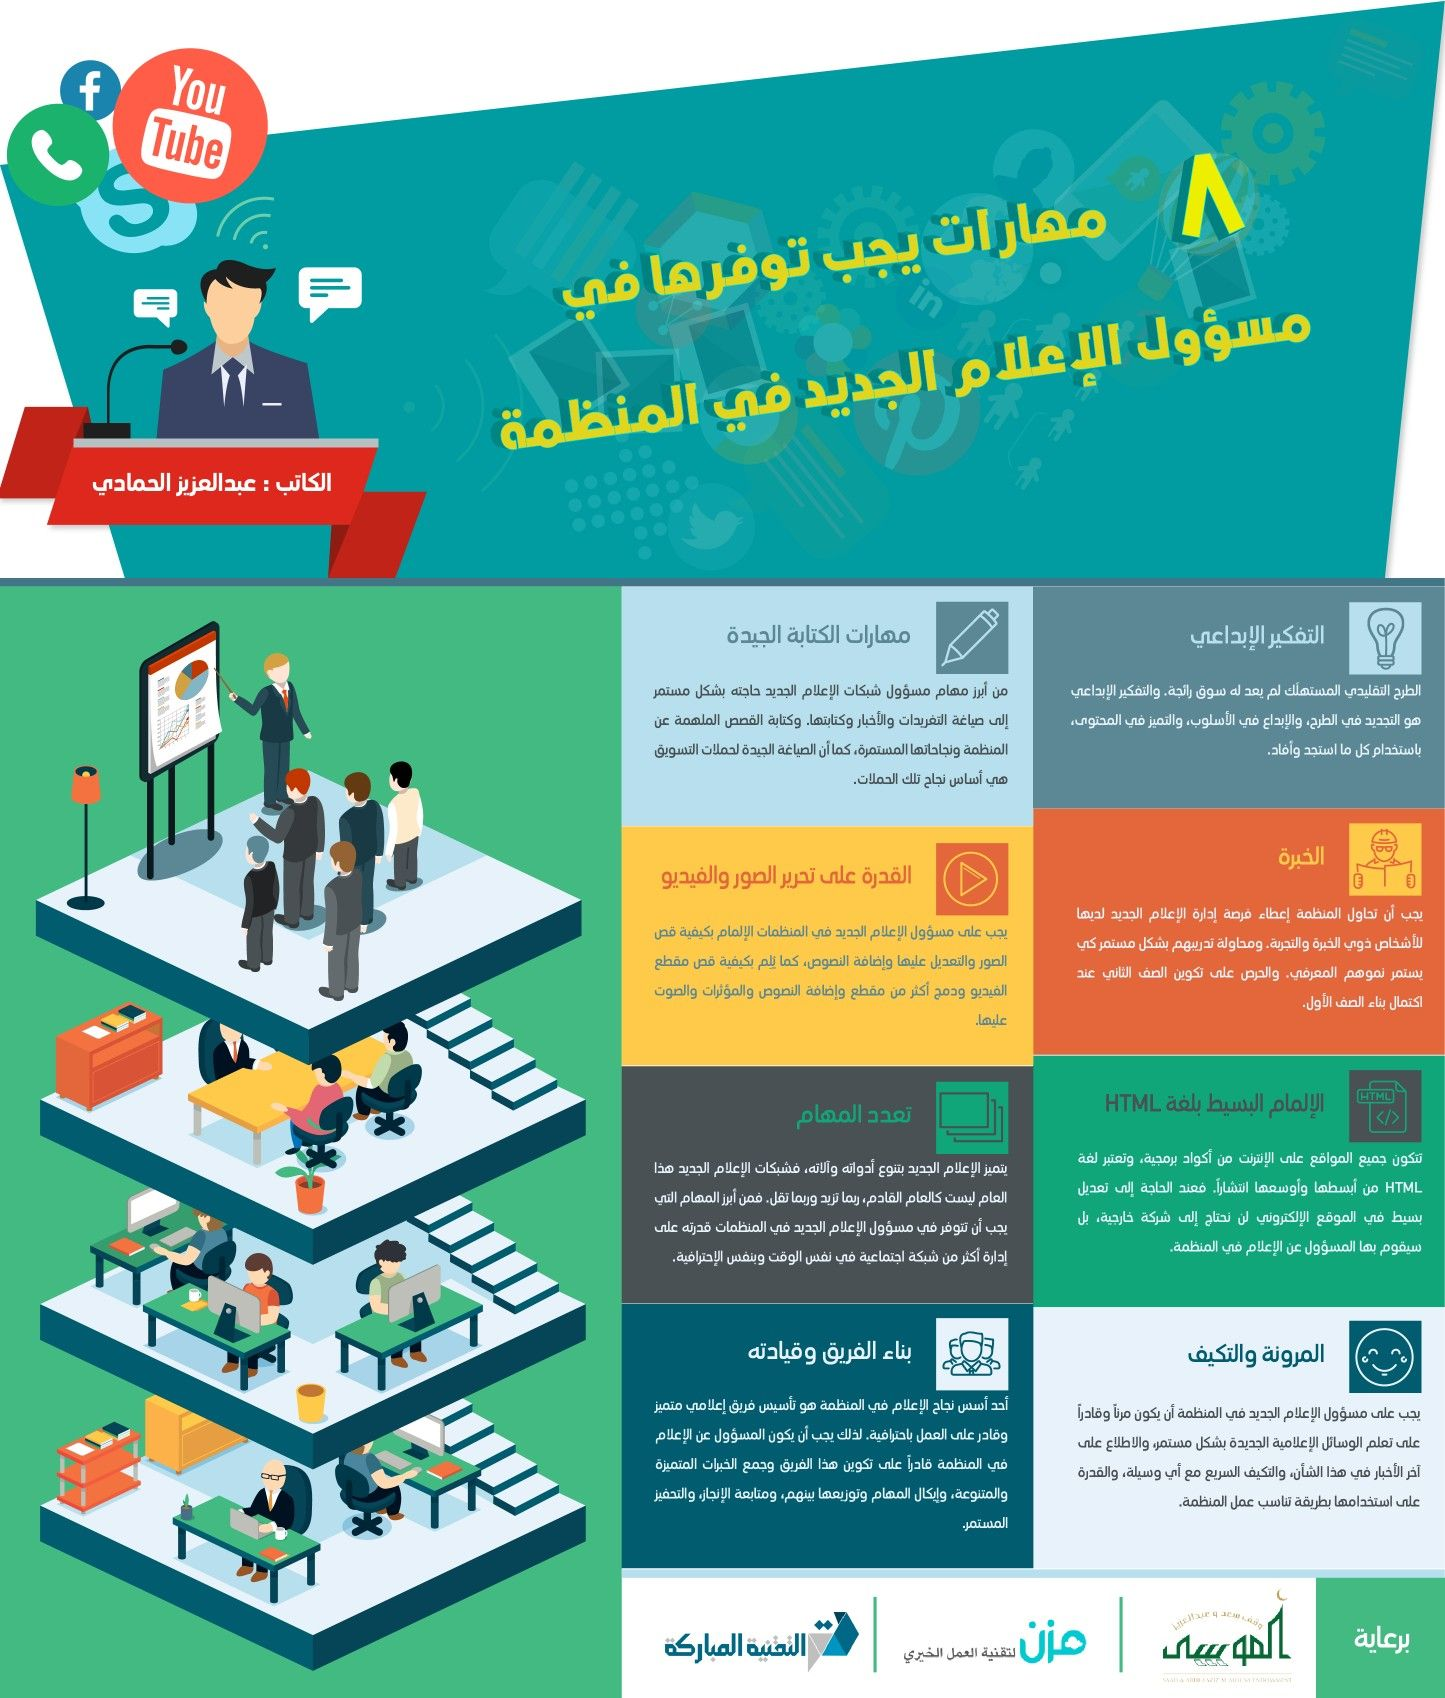 مهارة اجتماعية تجعلك محبوبا أكثر مهارات انفوجرافيك مهارات Learning Websites Life Skills Business Notes